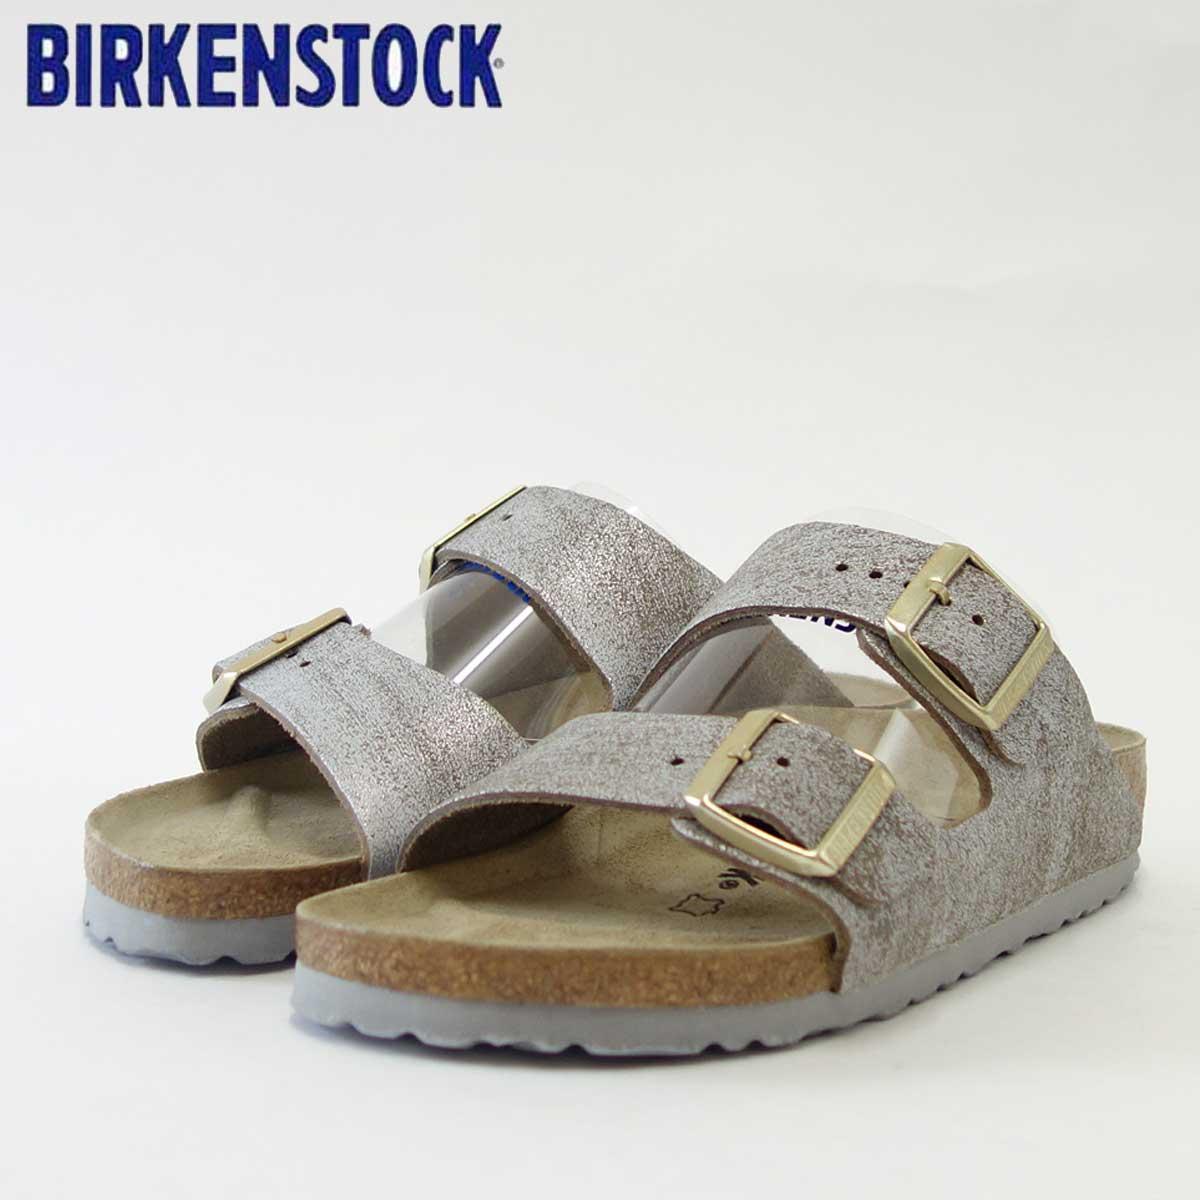 BIRKENSTOCK ビルケンシュトック ARIZONA(アリゾナ)GC 1008796 ウォッシュドメタリック ブルーシルバー(レディース)「正規輸入品」ドイツ生まれの快適サンダル「靴」